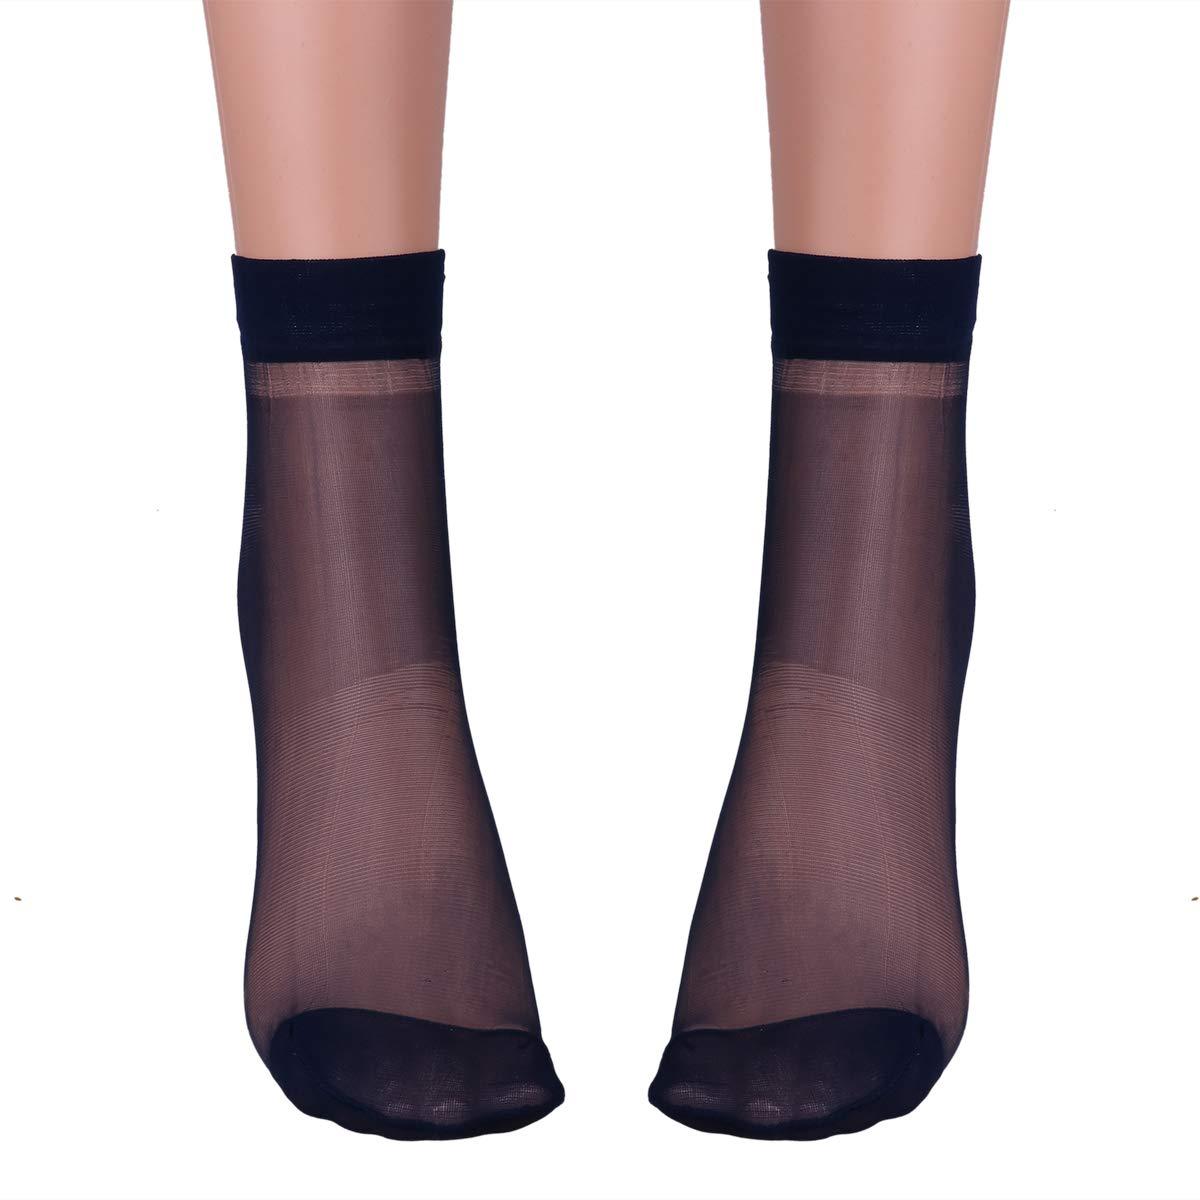 Freebily 3Par Calcetines Cortos de Hombres Mujeres Medias de Seda Tobillo El/ásticos para Verano Respirable Durable Calcetines Deportes de Running Camino Gimnasia Casual